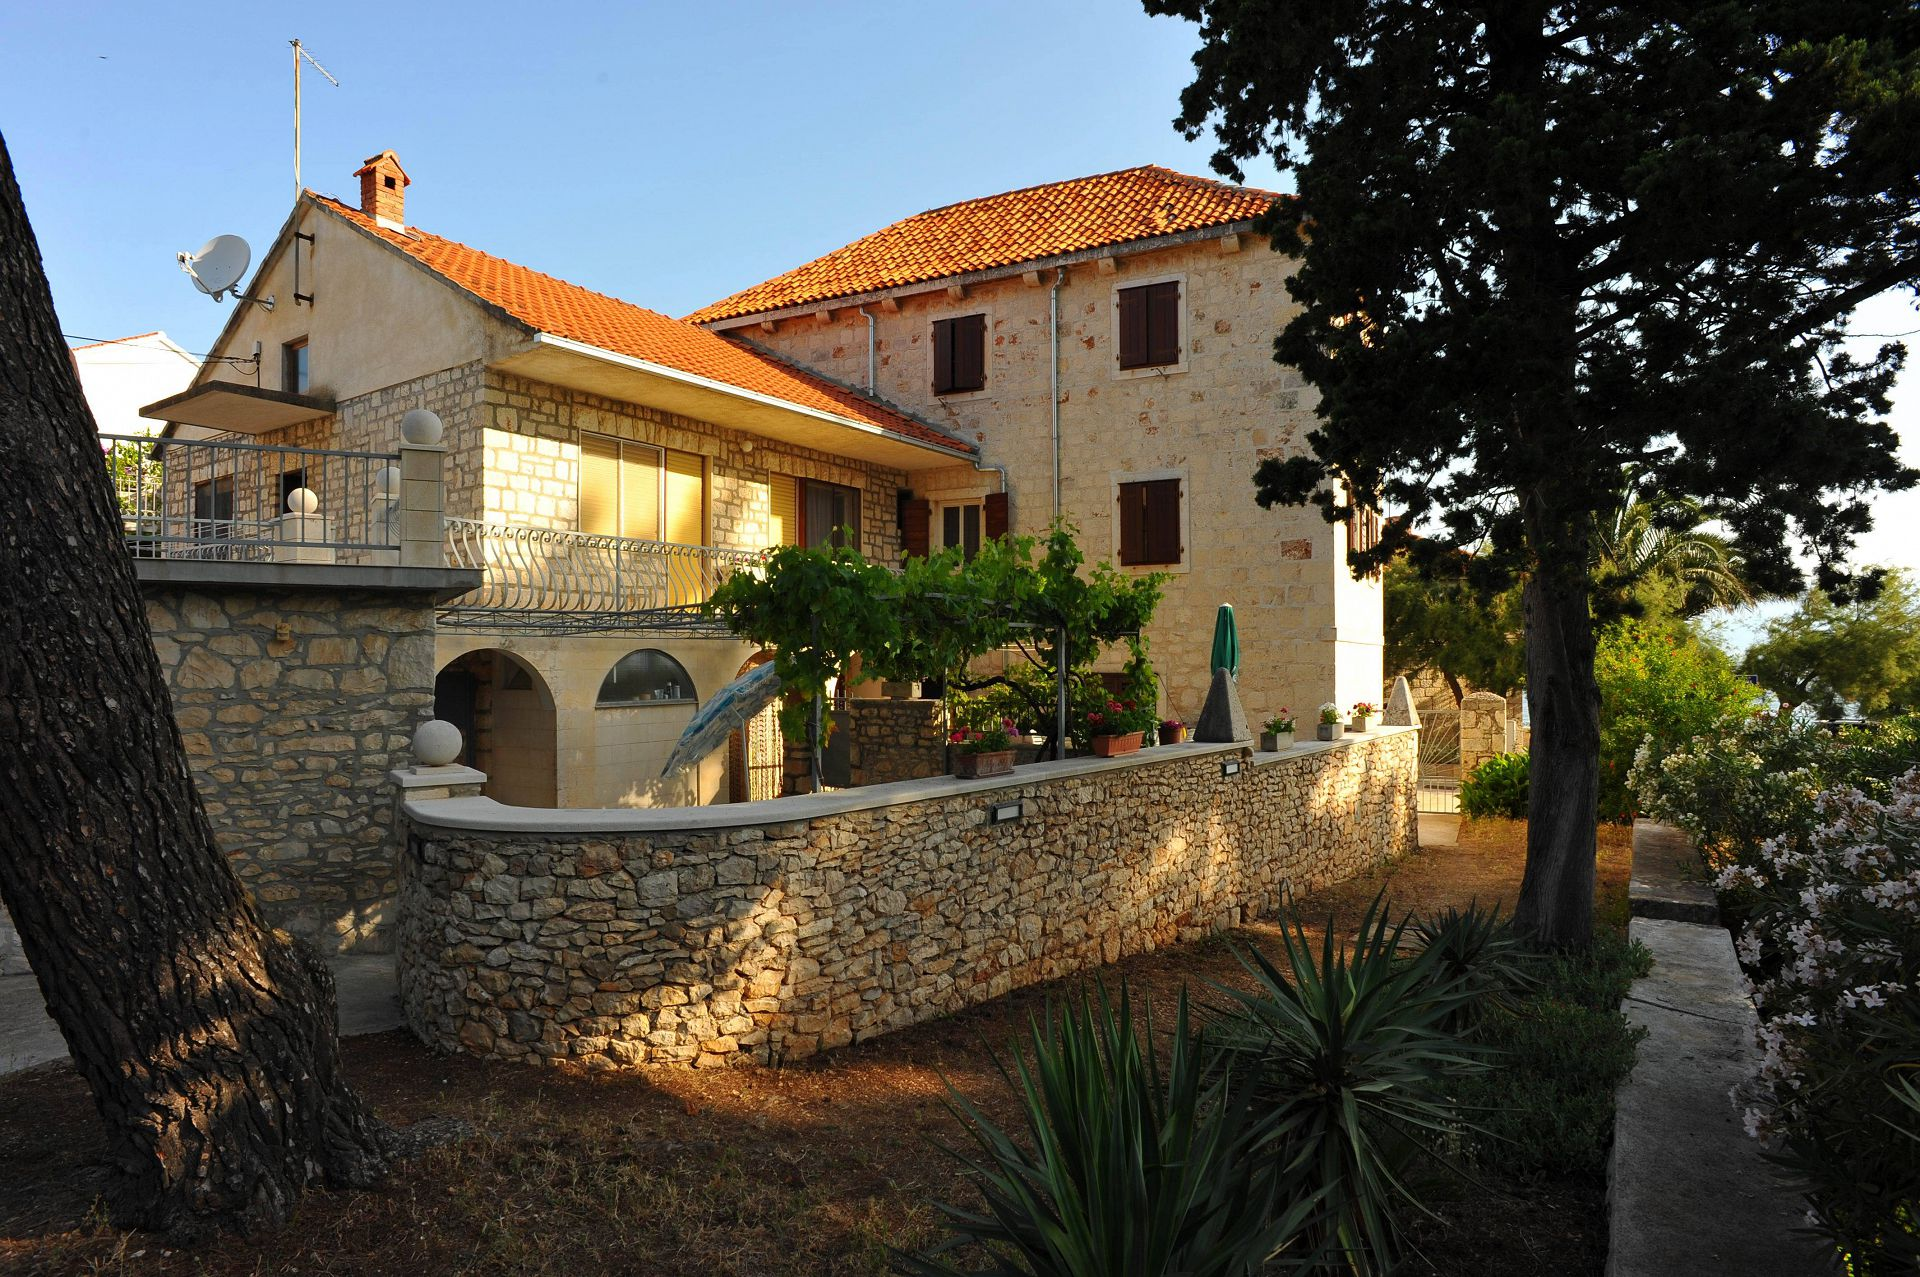 01501SUTI - Sutivan - Appartements Croatie - cour (maison et environs)